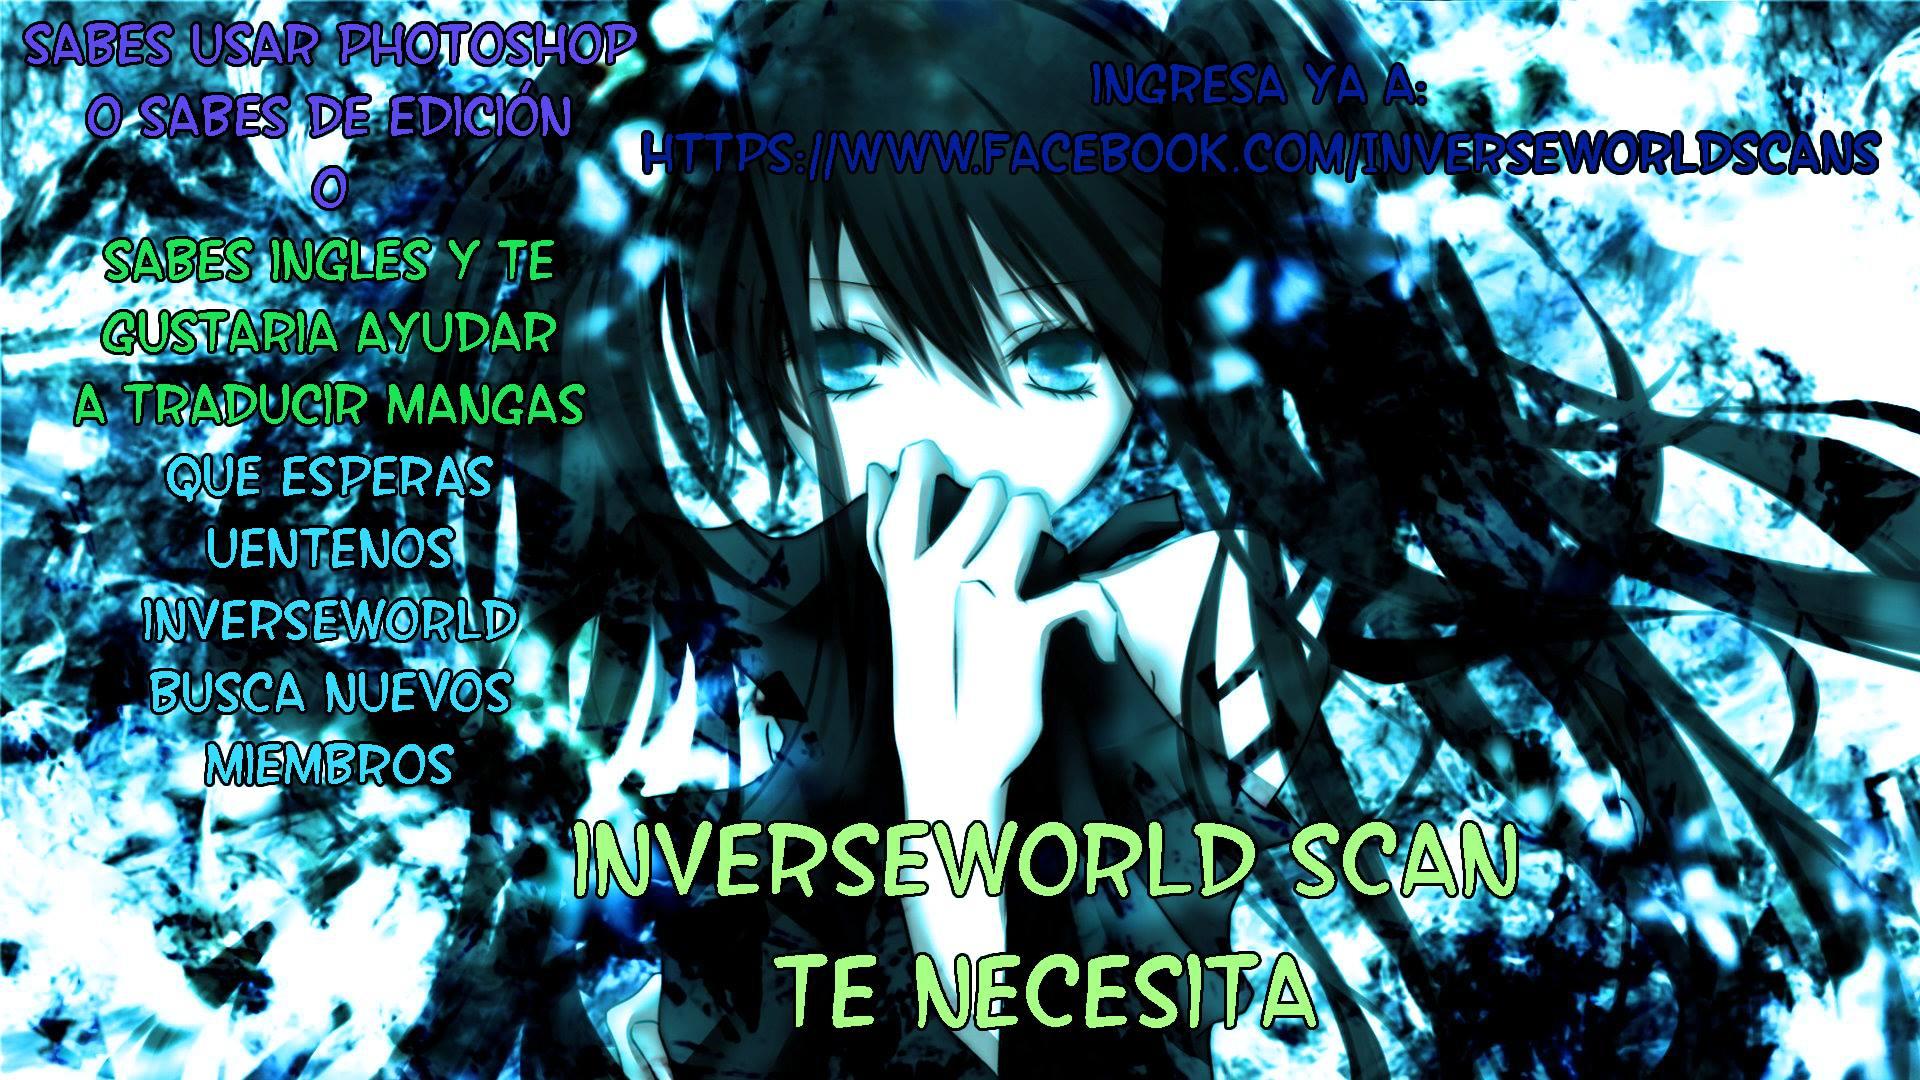 http://c5.ninemanga.com/es_manga/18/16210/415300/0d92af1eab239465721da02549c61854.jpg Page 1